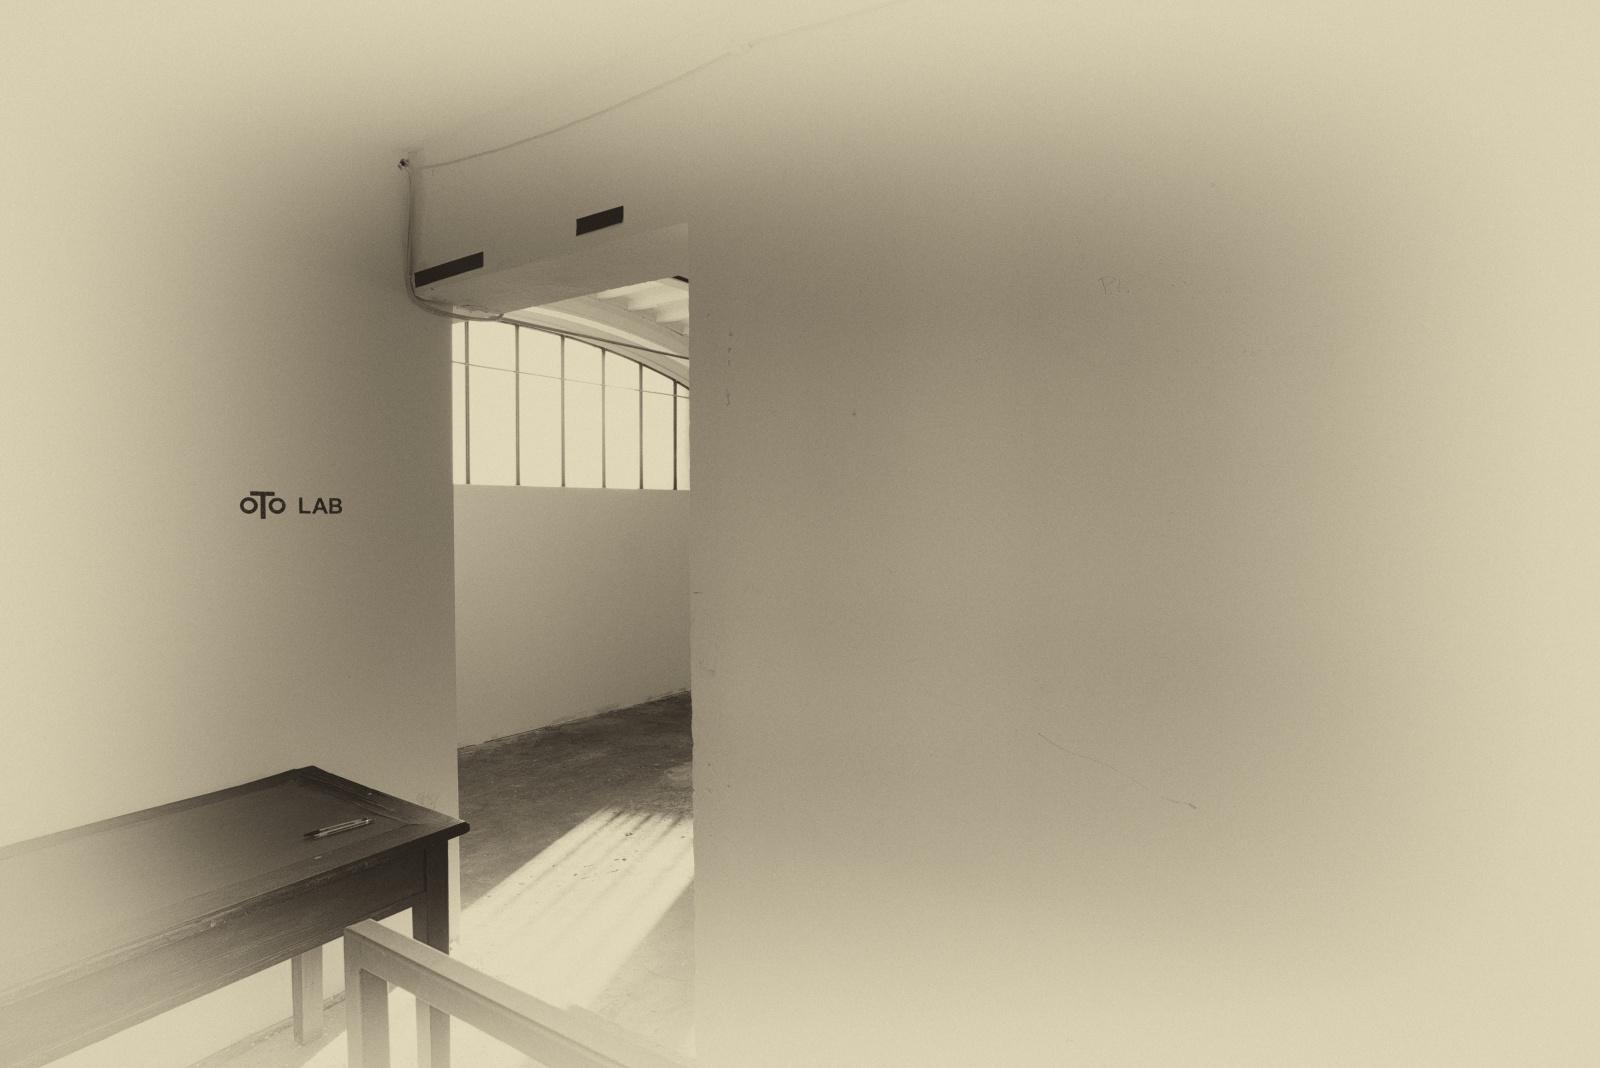 OTO LAB - Lecco